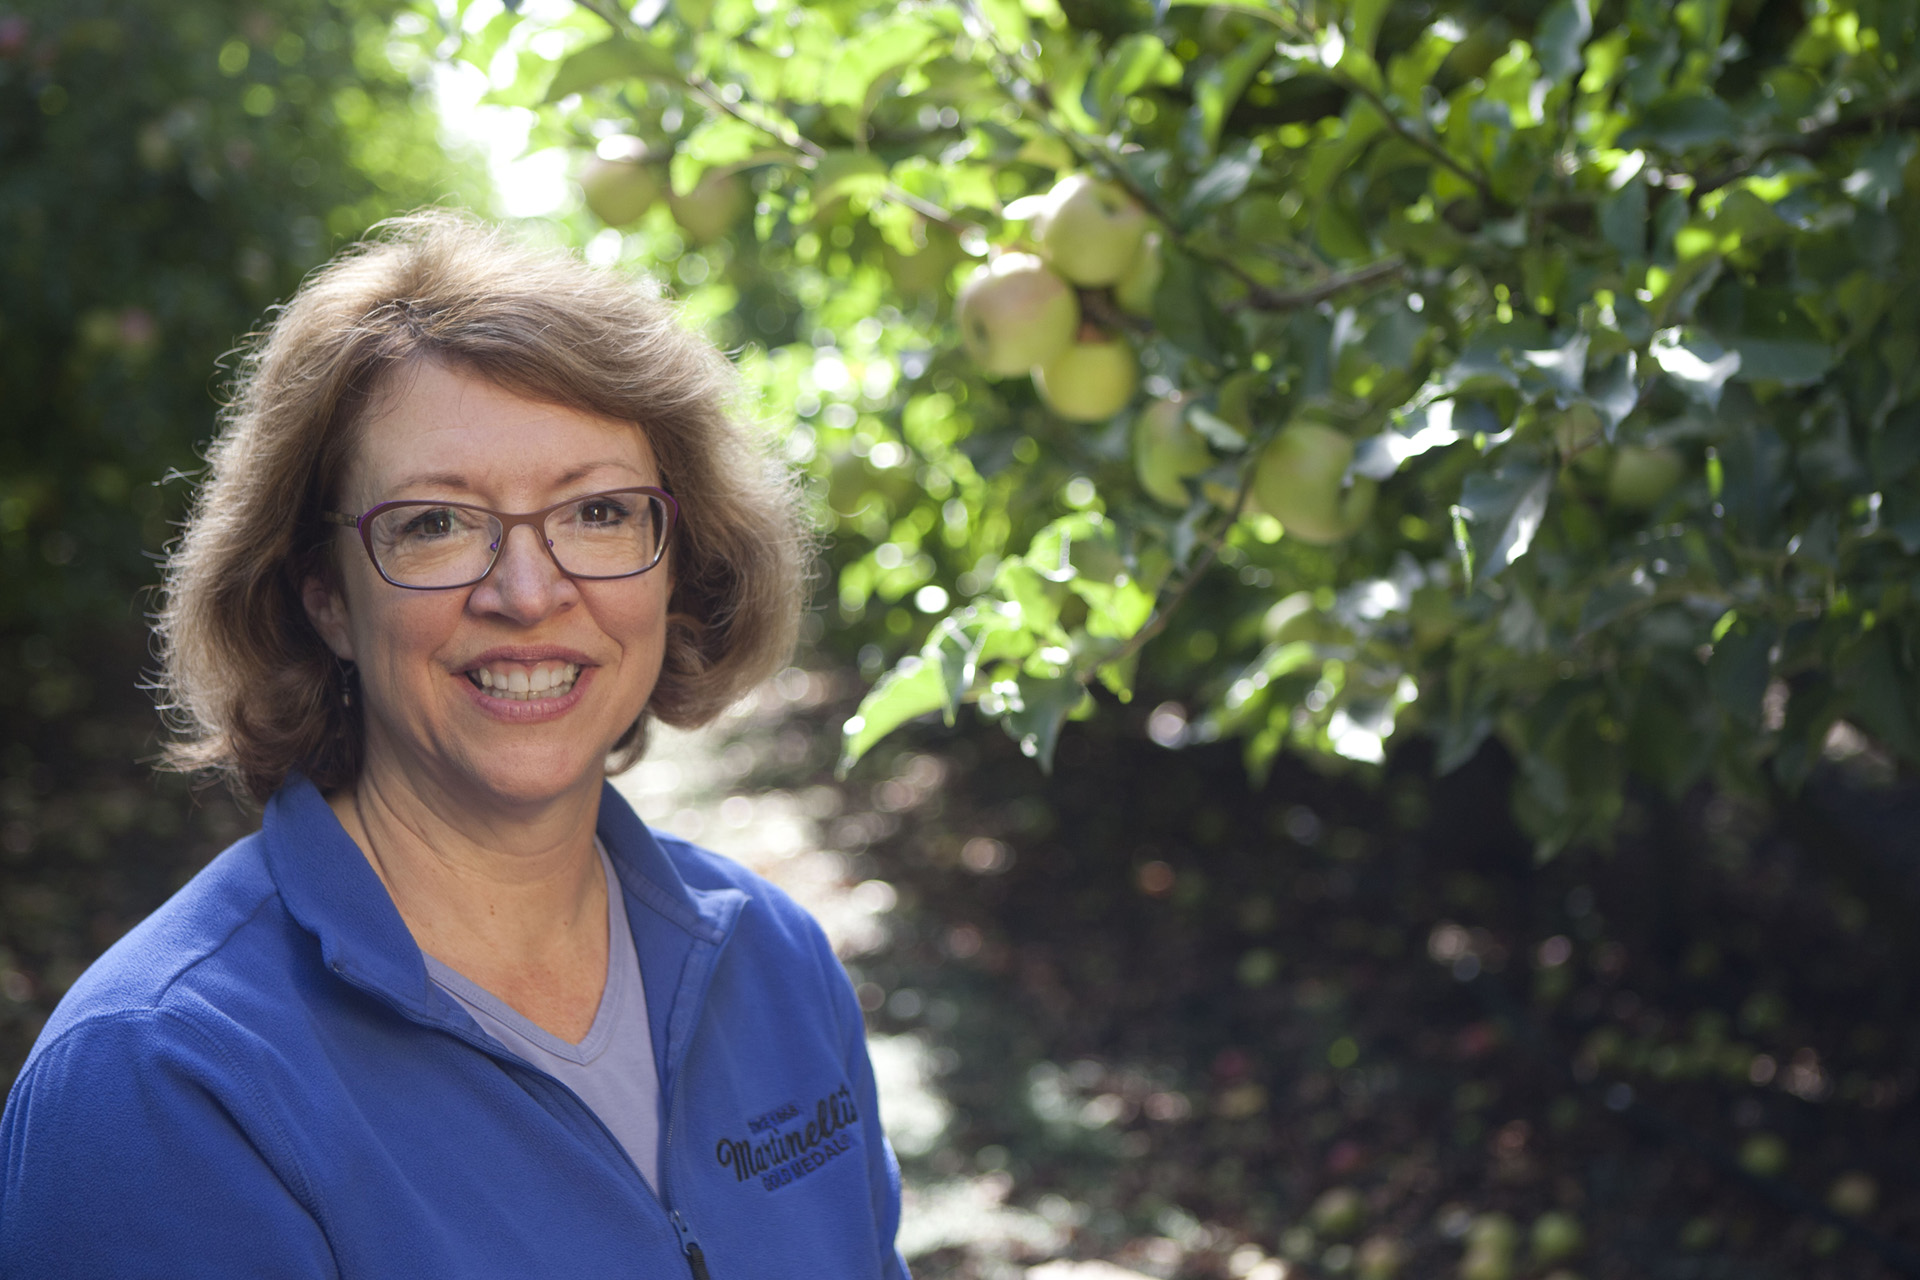 Julie Lambert, Martinelli's